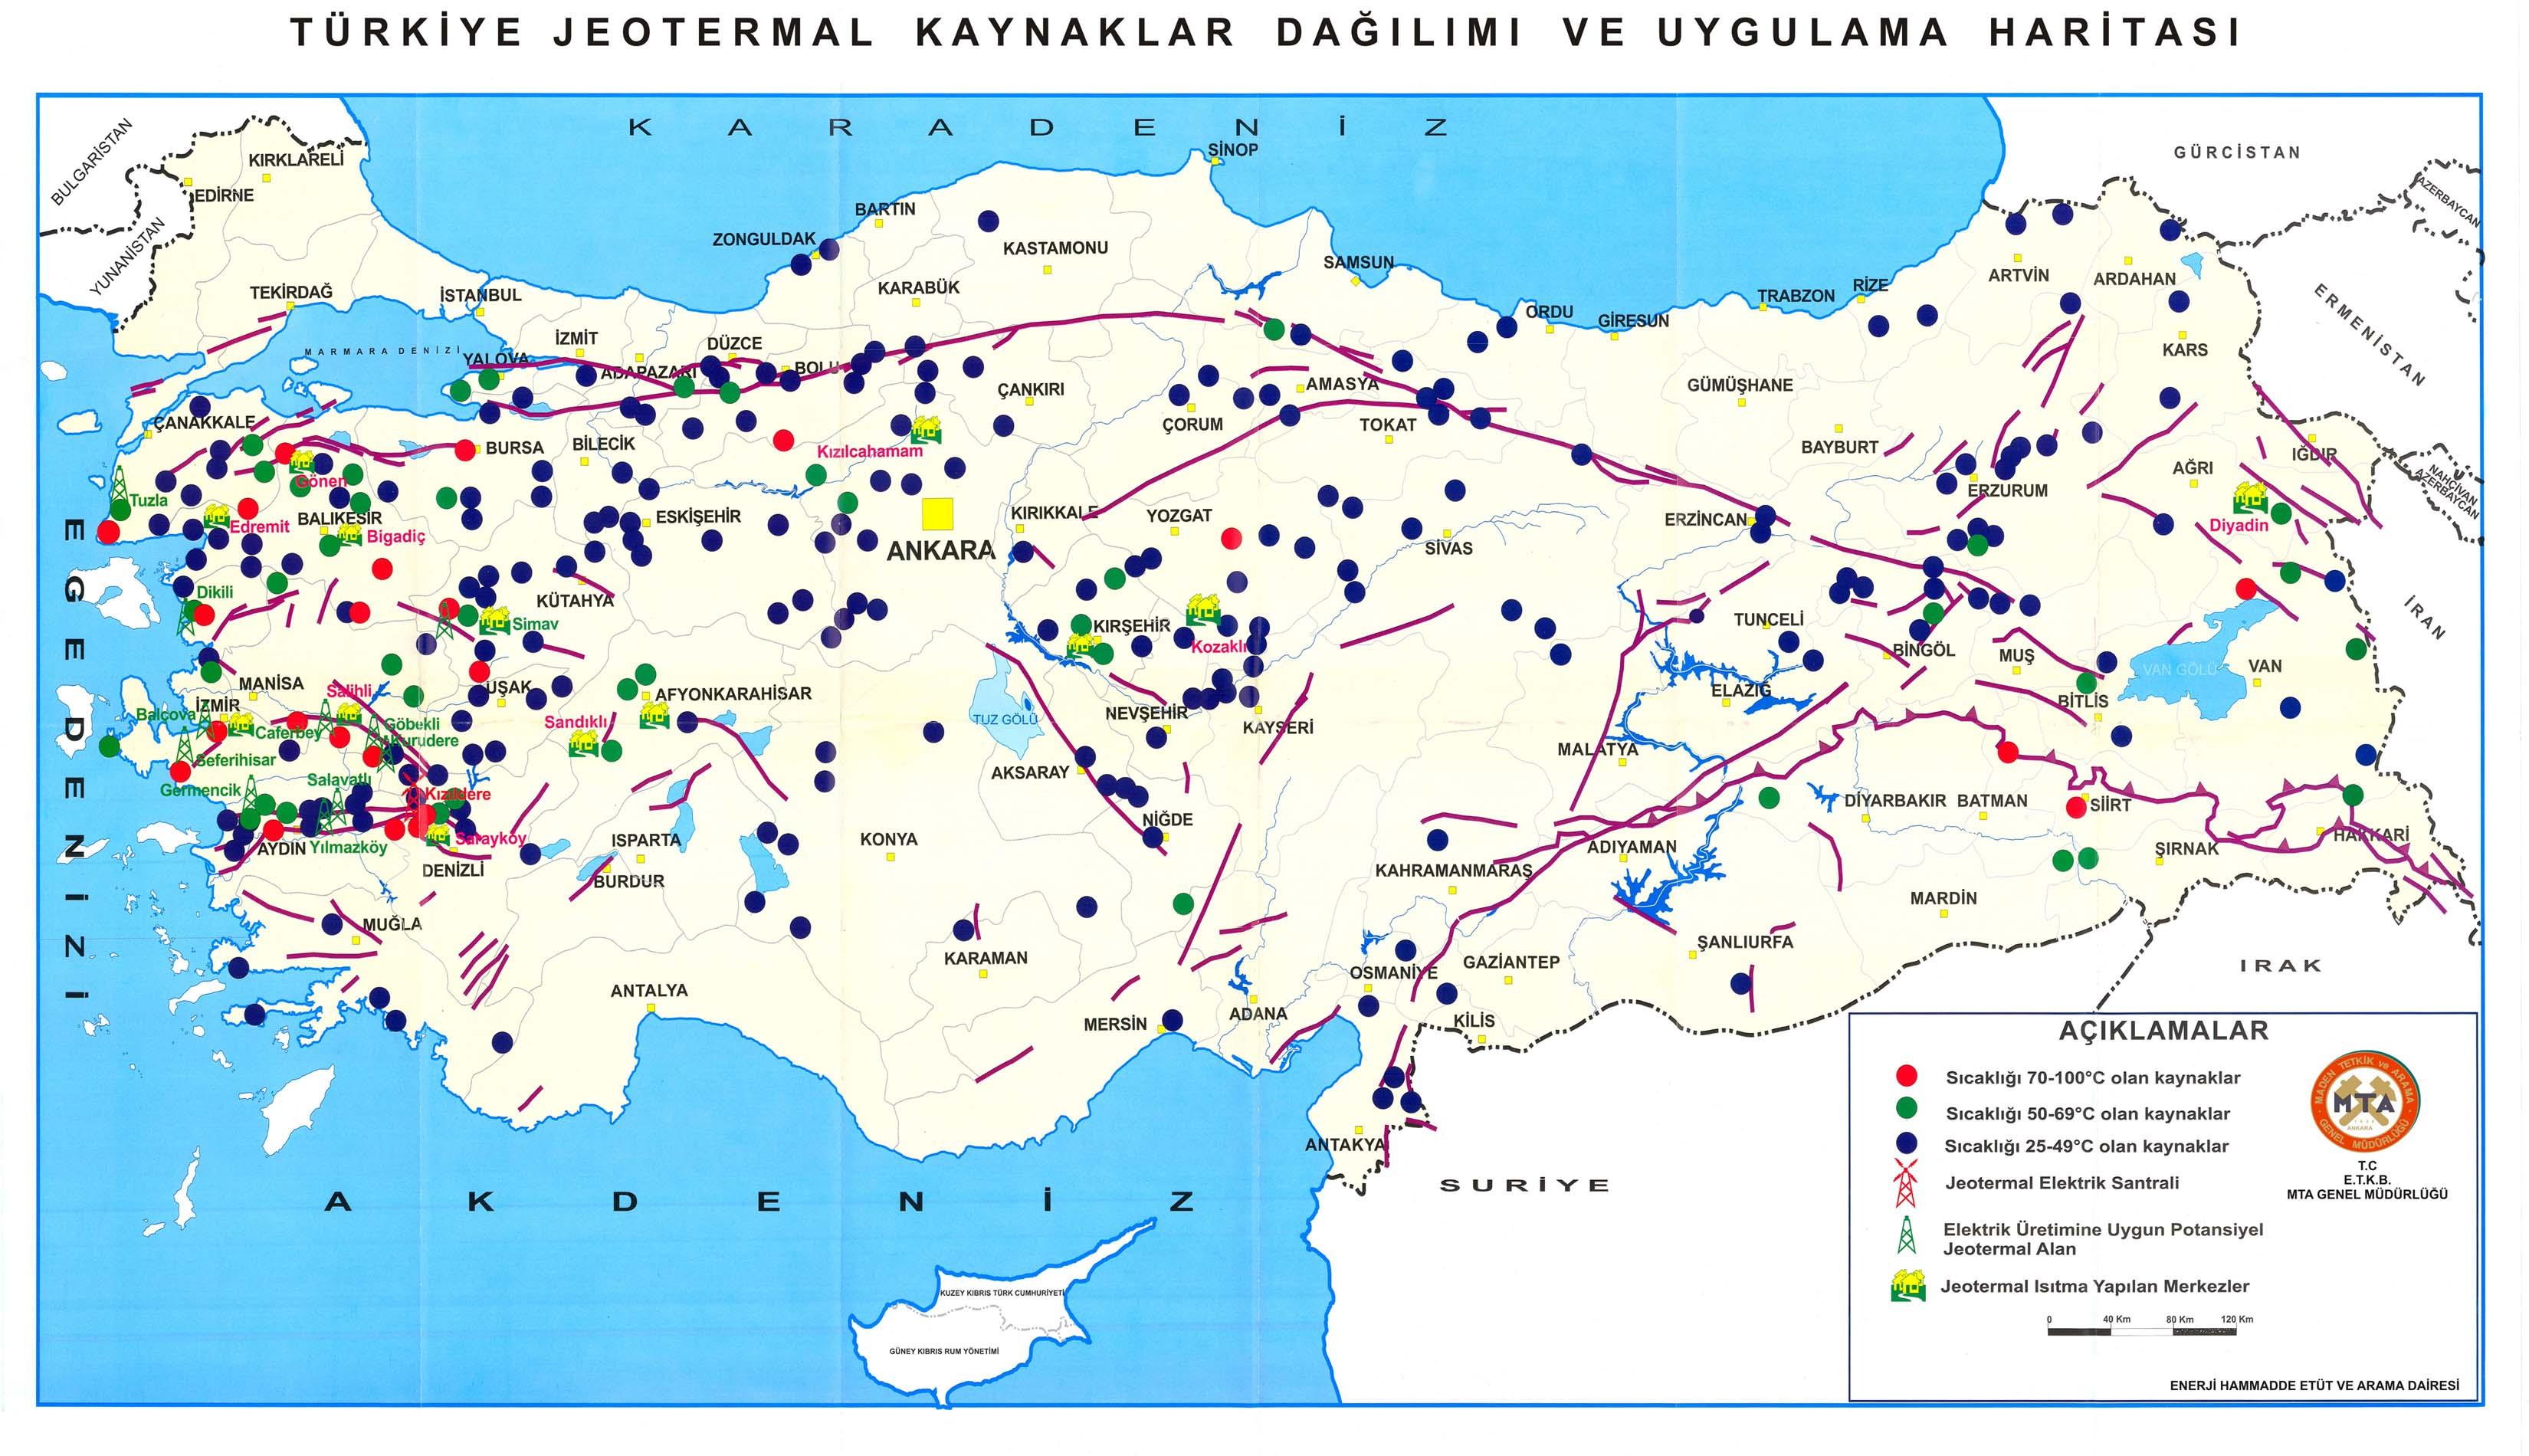 Türkiye jeotermal kaynak Haritası